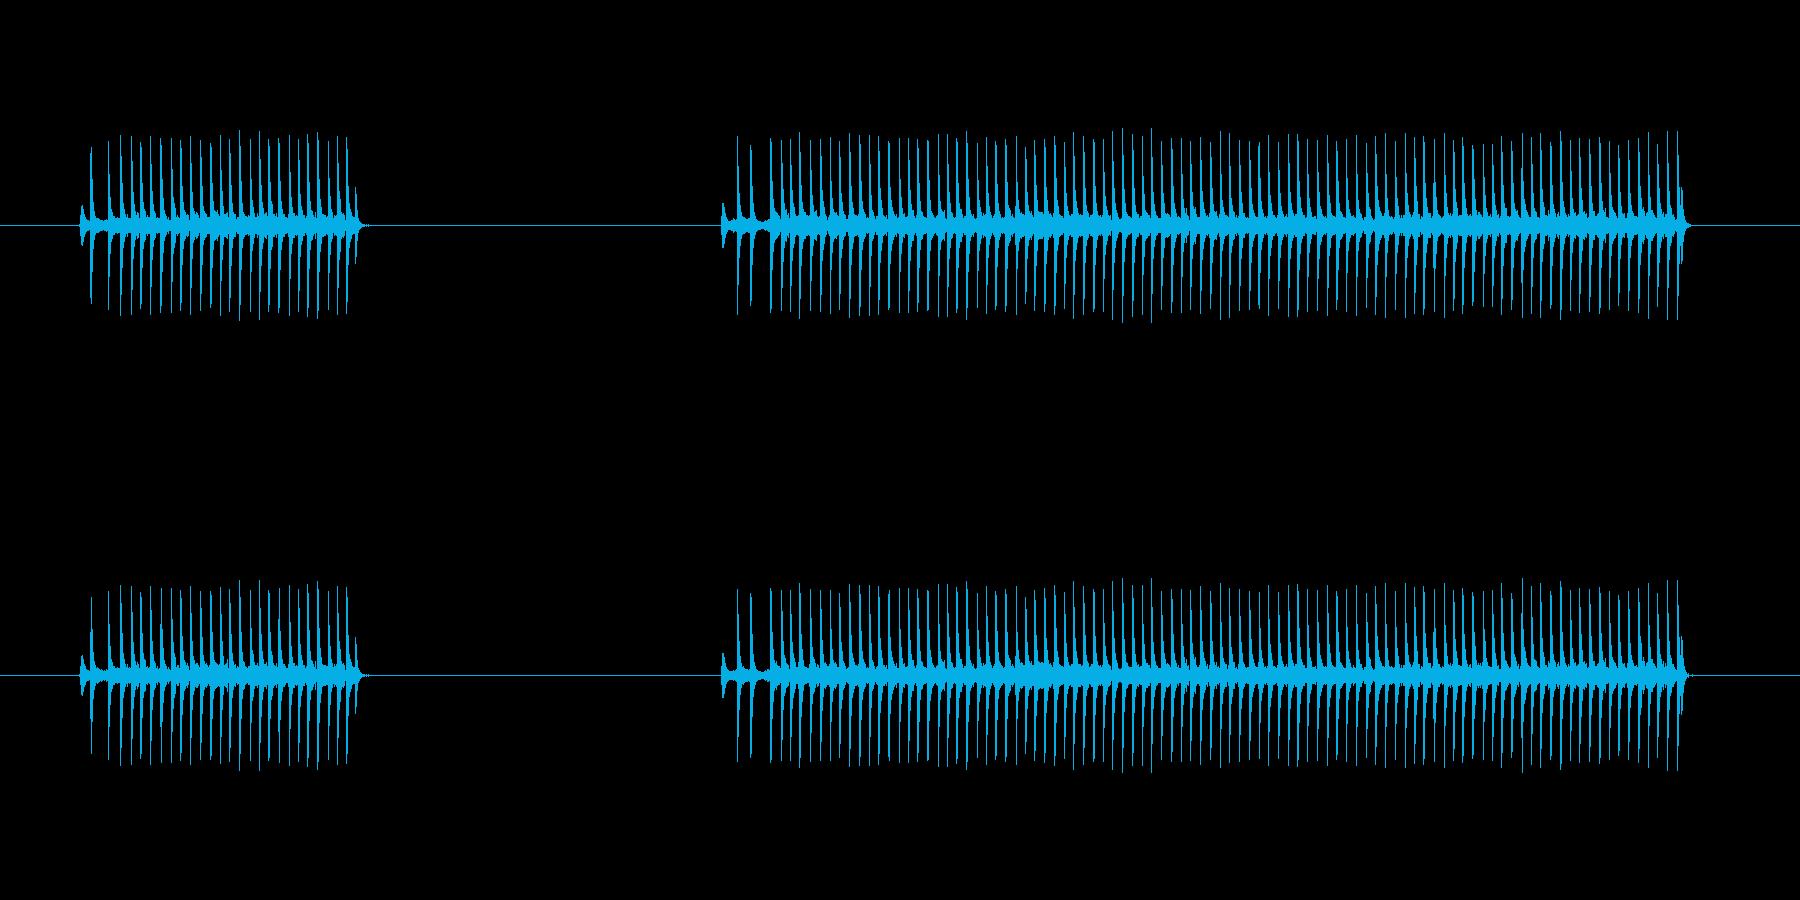 ゲーム、クイズ(ブー音)_002の再生済みの波形